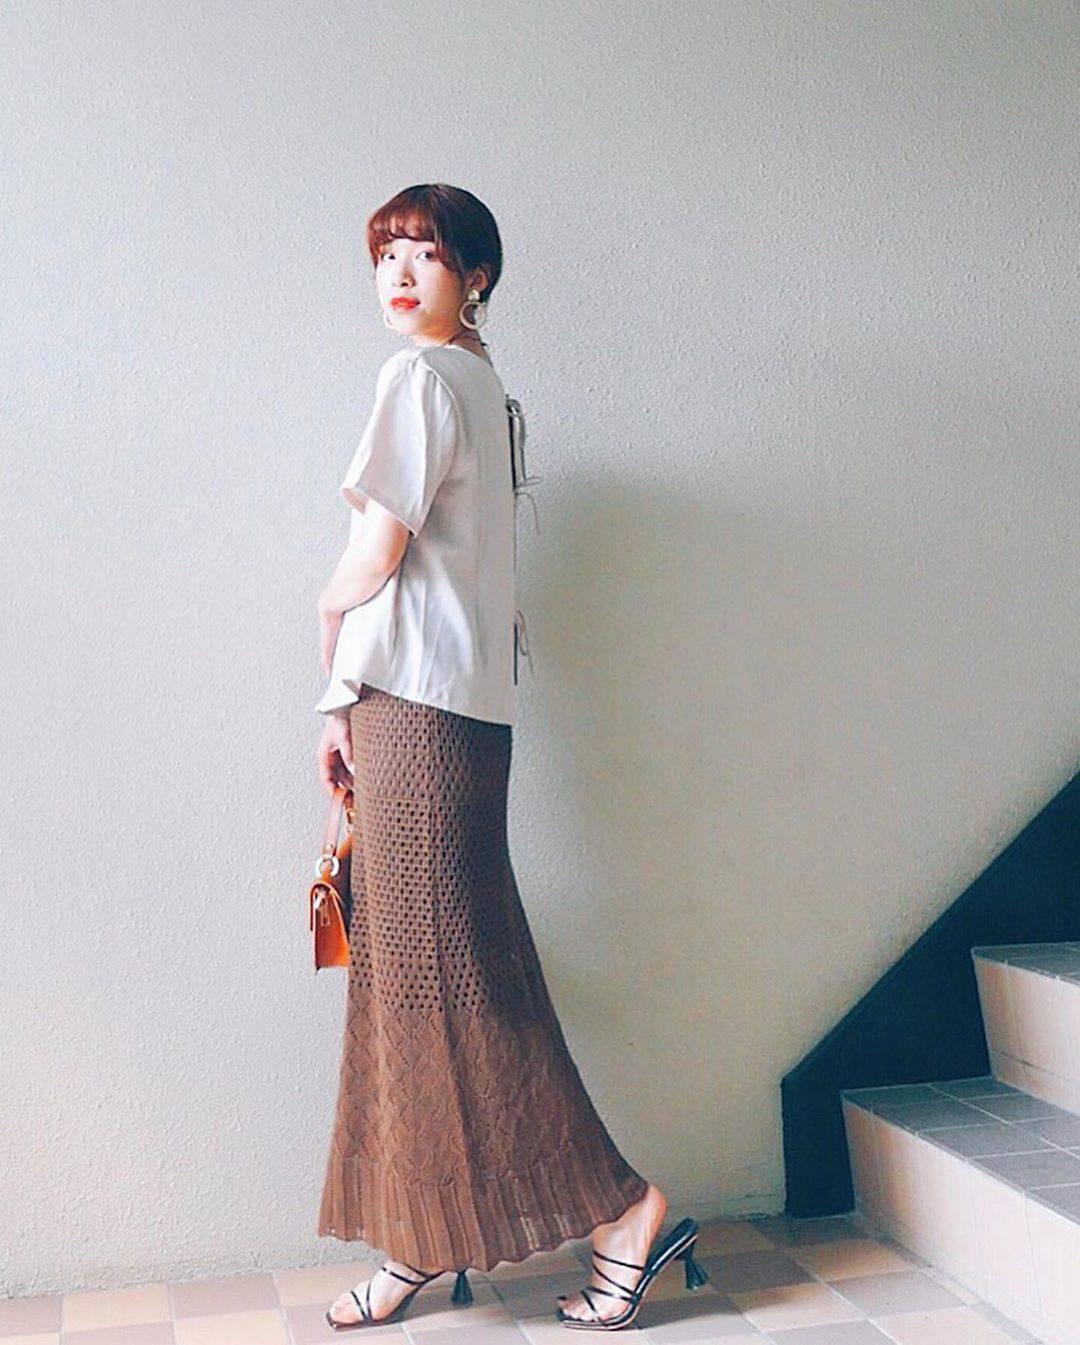 最高気温33度・最低気温25度 natsu_outfitsの服装